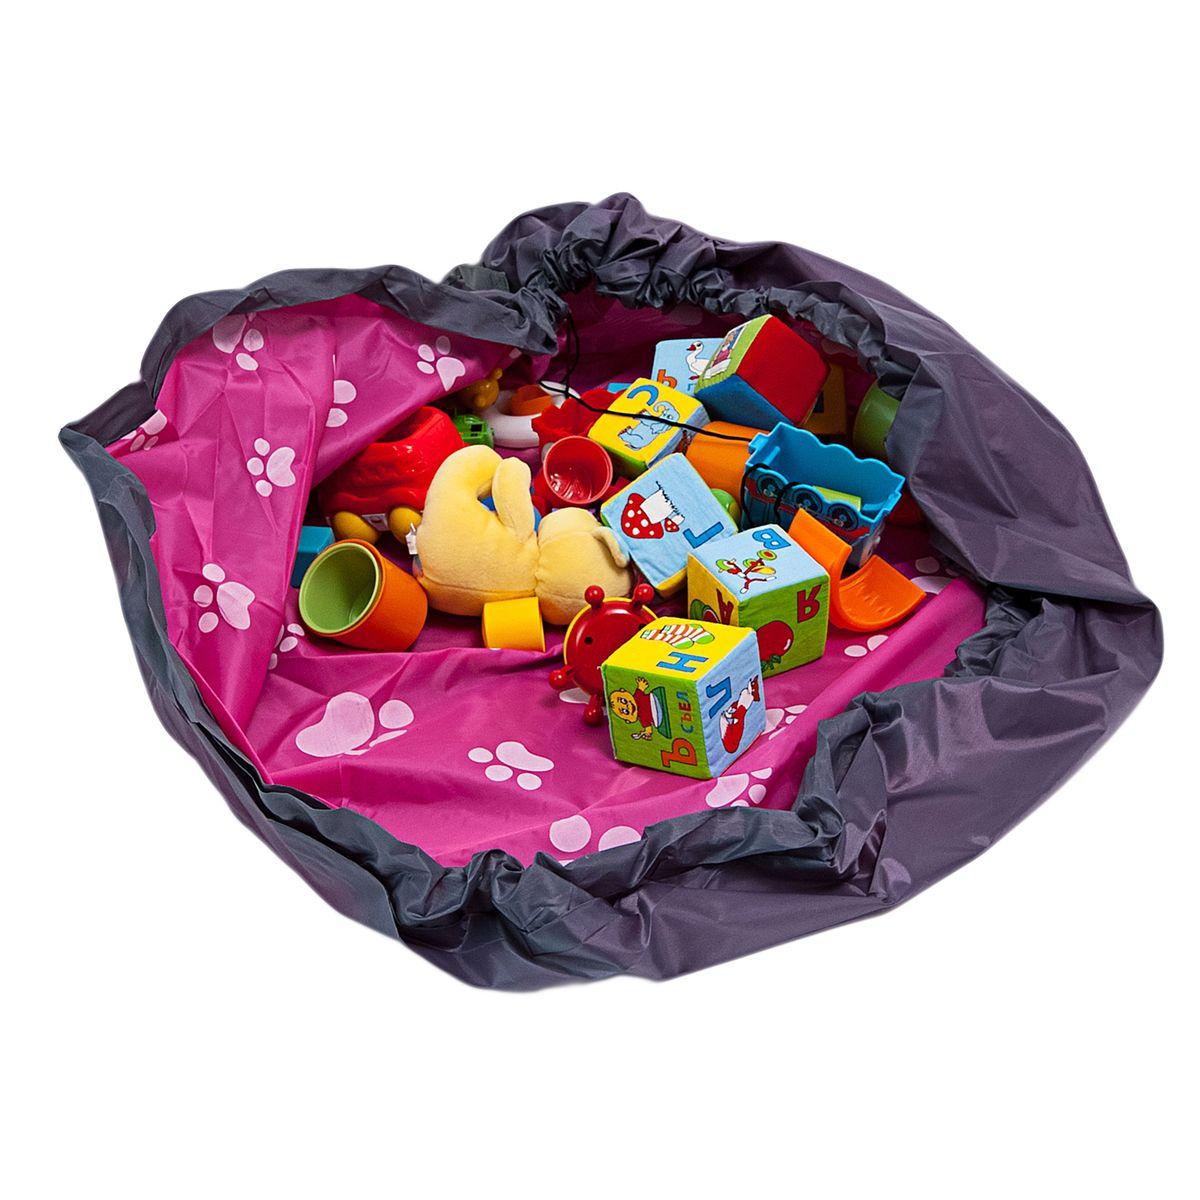 Сумка-коврик Homsu Лужайка, цвет: розовый, 150х150 смR-108Сумка-коврик это оригинальный способ хранения и транспортировки детских игрушек. В разложенном состоянии - это поле для игры, а когда нужно собрать игрушки, он затягивается на шнурок и превращается в удобную сумку. Выполнен из прочного, но мягкого канваса. Размер изделия: 150х150см